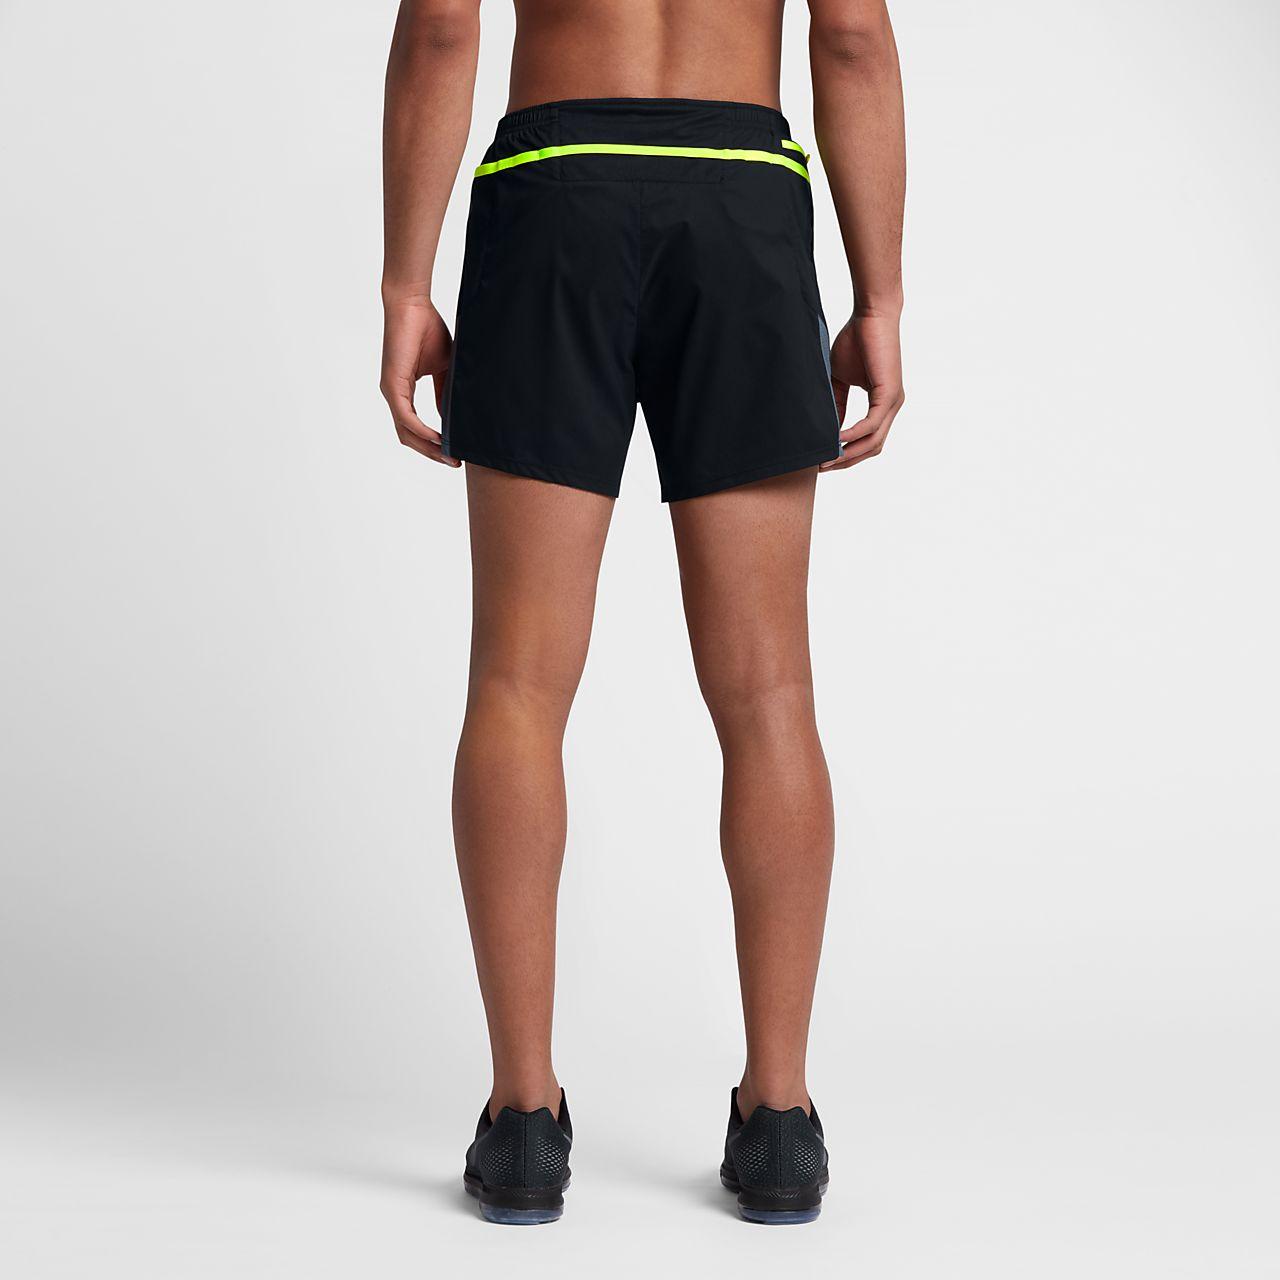 nike 4 inch running shorts